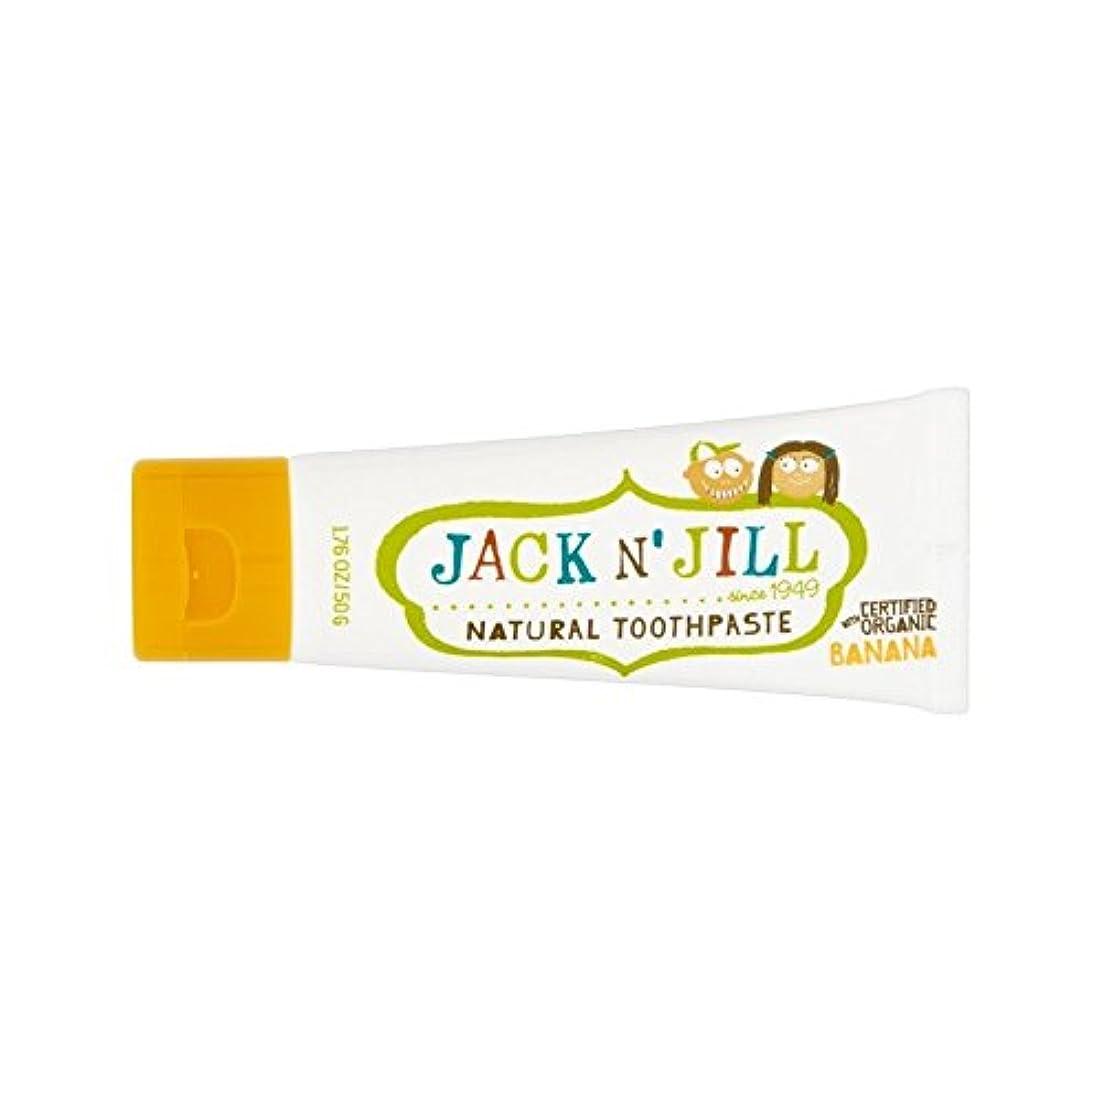 虚栄心収容するご注意有機香味50グラムと自然バナナ歯磨き粉 (Jack N Jill) - Jack N' Jill Banana Toothpaste Natural with Organic Flavouring 50g [並行輸入品]